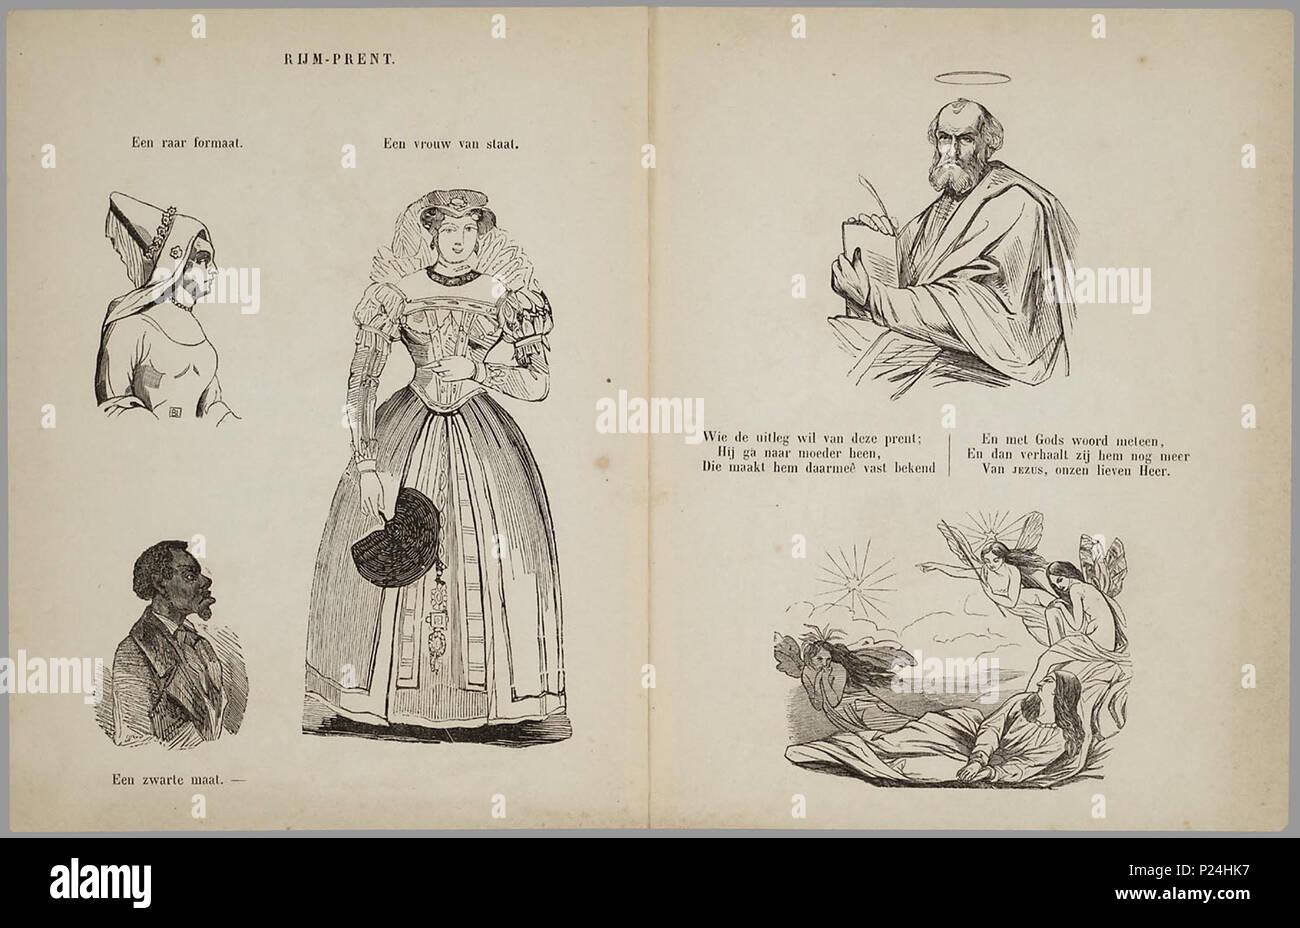 https://c8.alamy.com/comp/P24HK7/sythoffs-prentenboek-de-boekenkast-verzameling-afbeeldingen-soms-per-twee-door-middel-van-rijmende-tekst-aan-elkaar-gepraat-meestal-met-weinig-samenhang-op-dun-papier-gedrukt-vermoedelijk-is-dit-een-overdruk-uit-een-tijdschrift-onderwerpen-onder-andere-dieren-kooplui-verkeren-bier-drinken-vaarwel-preekstoel-en-graf-morgen-nacht-allerlei-thuis-achter-de-schermen-wonderen-liefde-en-wijn-ziekte-slavernij-in-de-oost-een-turk-pruiken-brandblusser-machines-bevat-ook-enkele-gedichten-aan-een-jongen-vriend-christus-lente-op-de-voorkant-een-sierrand-met-ornamenten-P24HK7.jpg